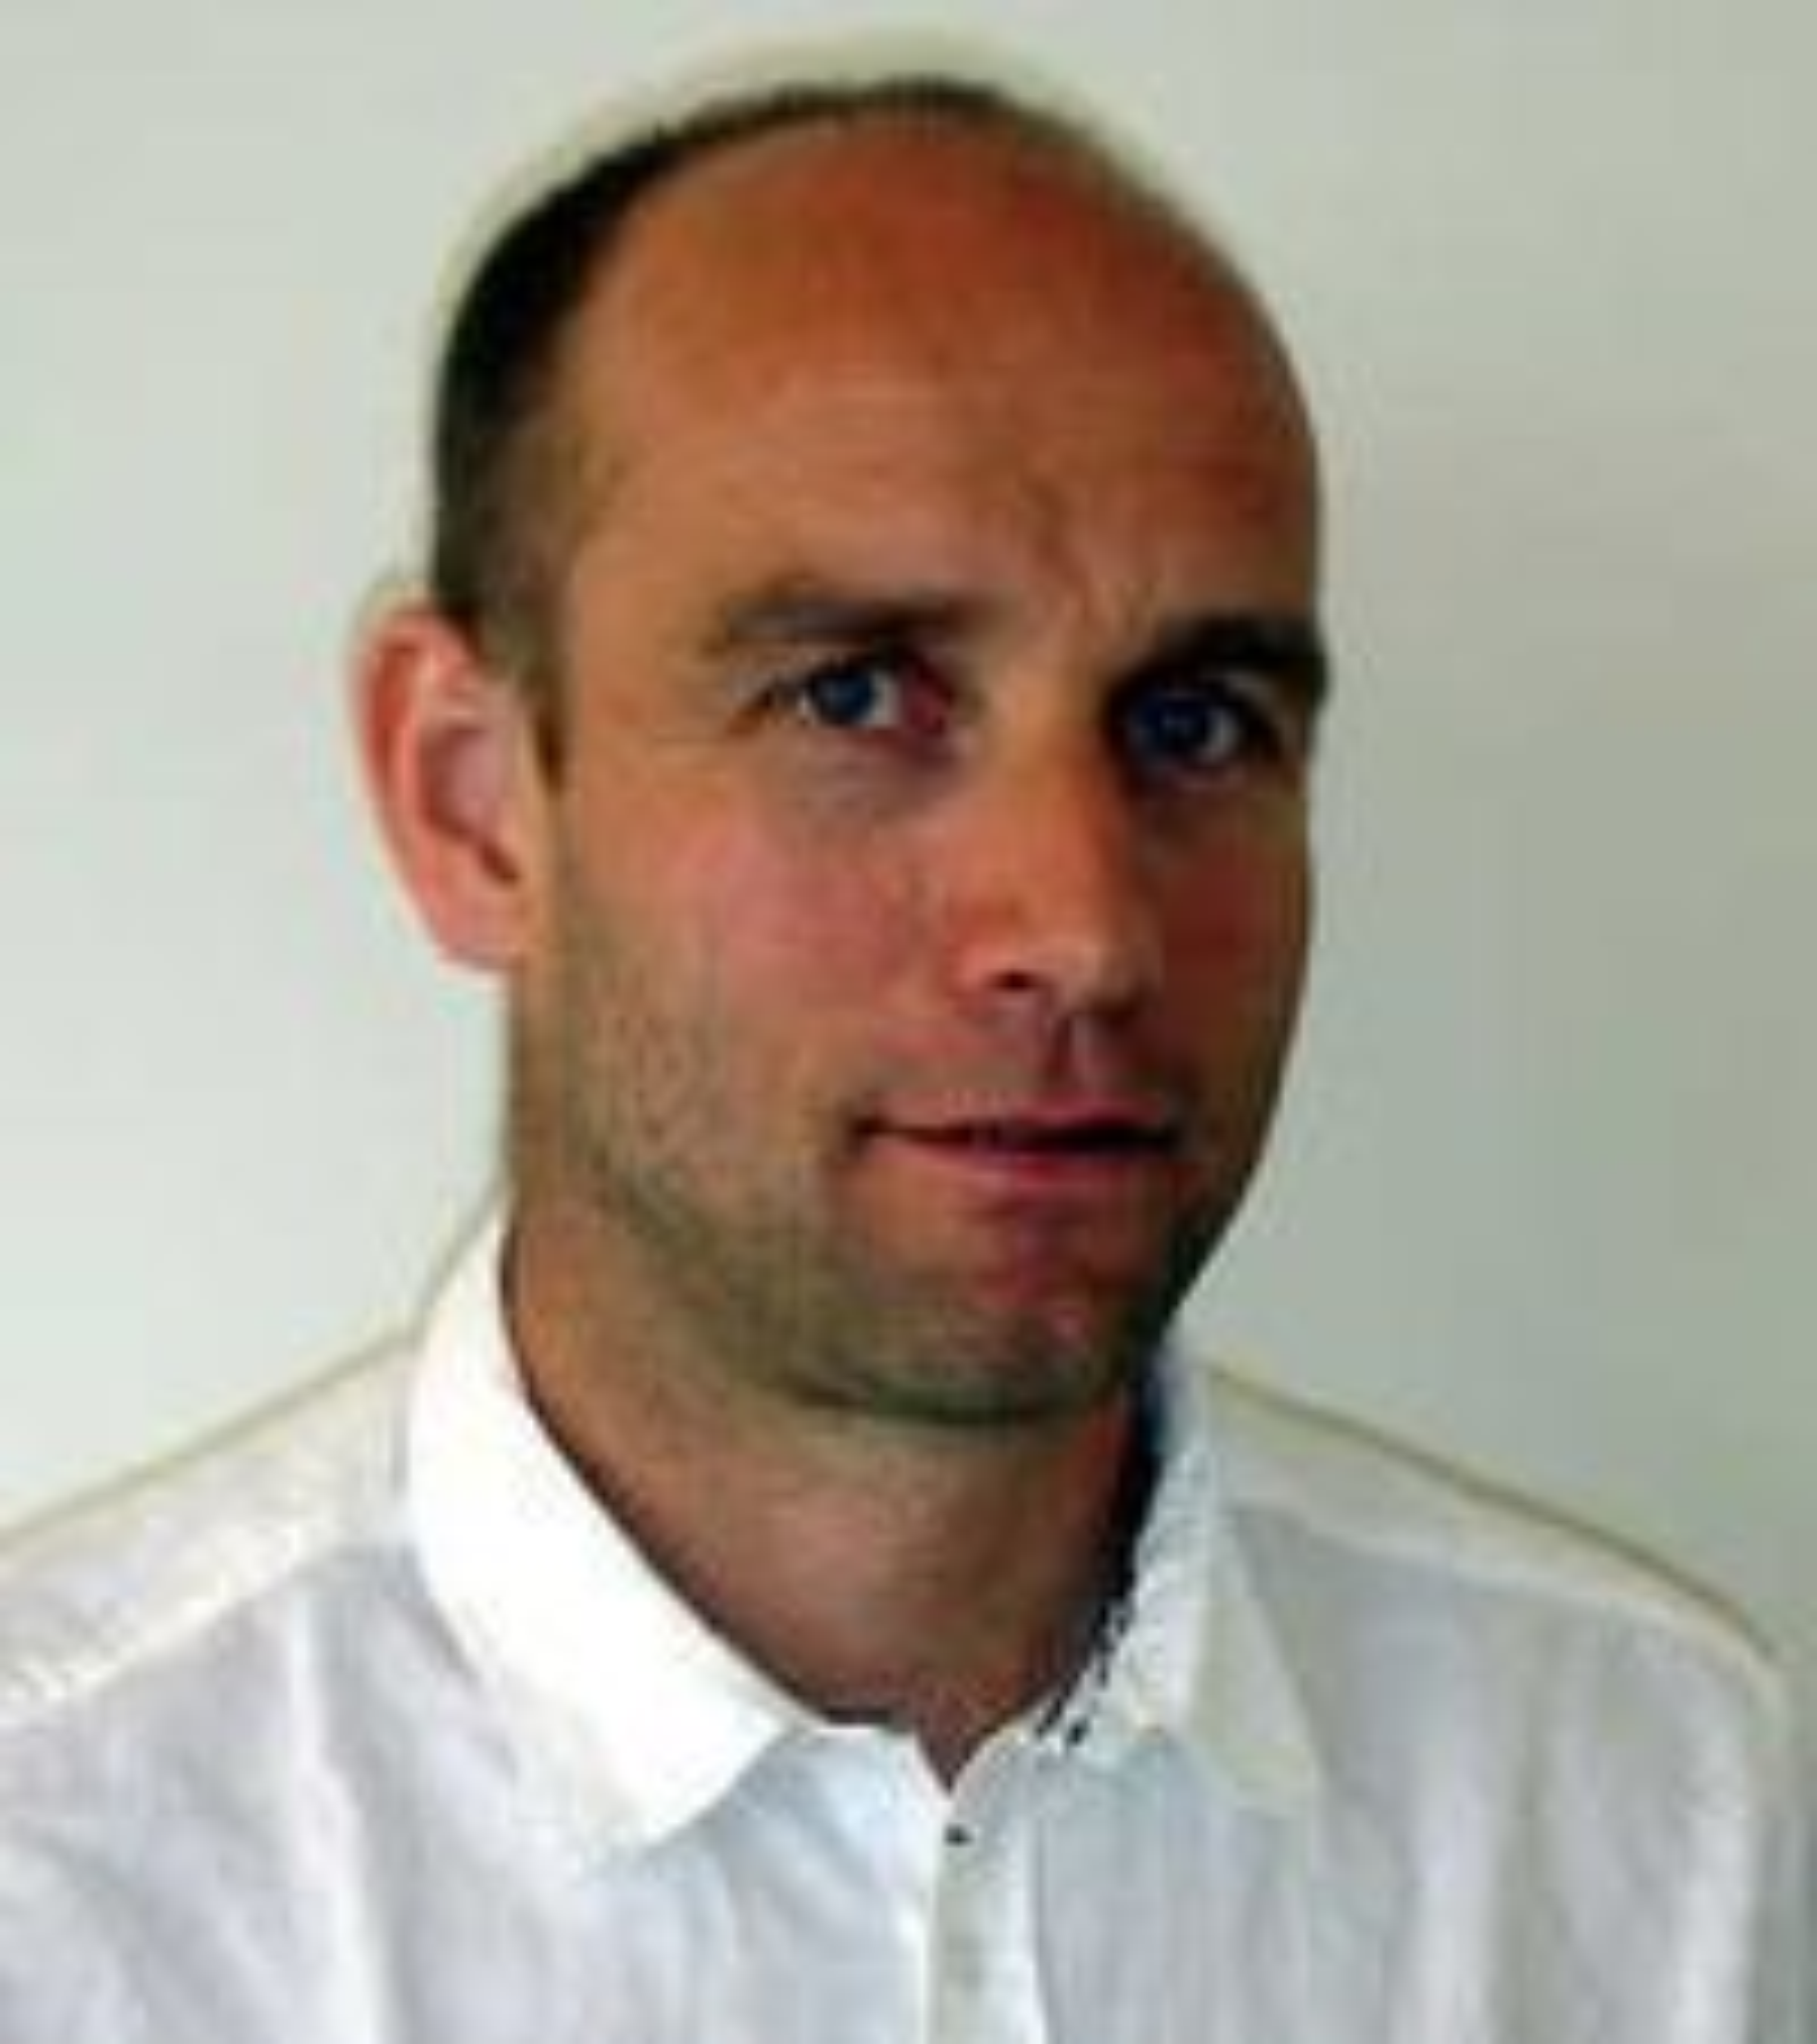 Skiller mellom utvikling og vedlikehold: seksjonssjef Alf Selnesaunet i SLF.